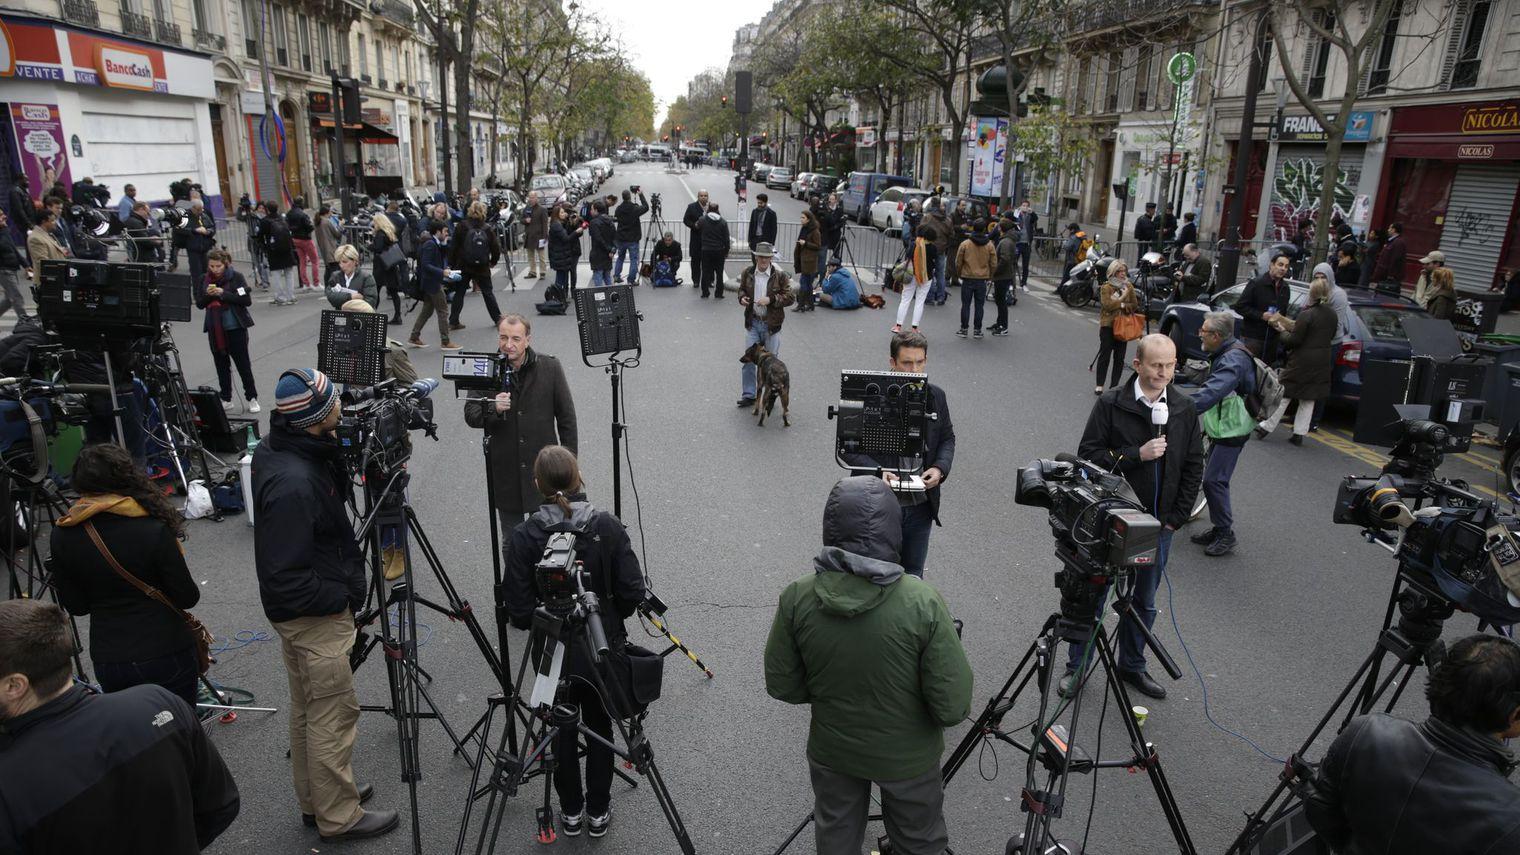 des-journalistes-aux-abords-du-bataclan-apres-les-attentats-le-14-novembre-a-paris_5464552